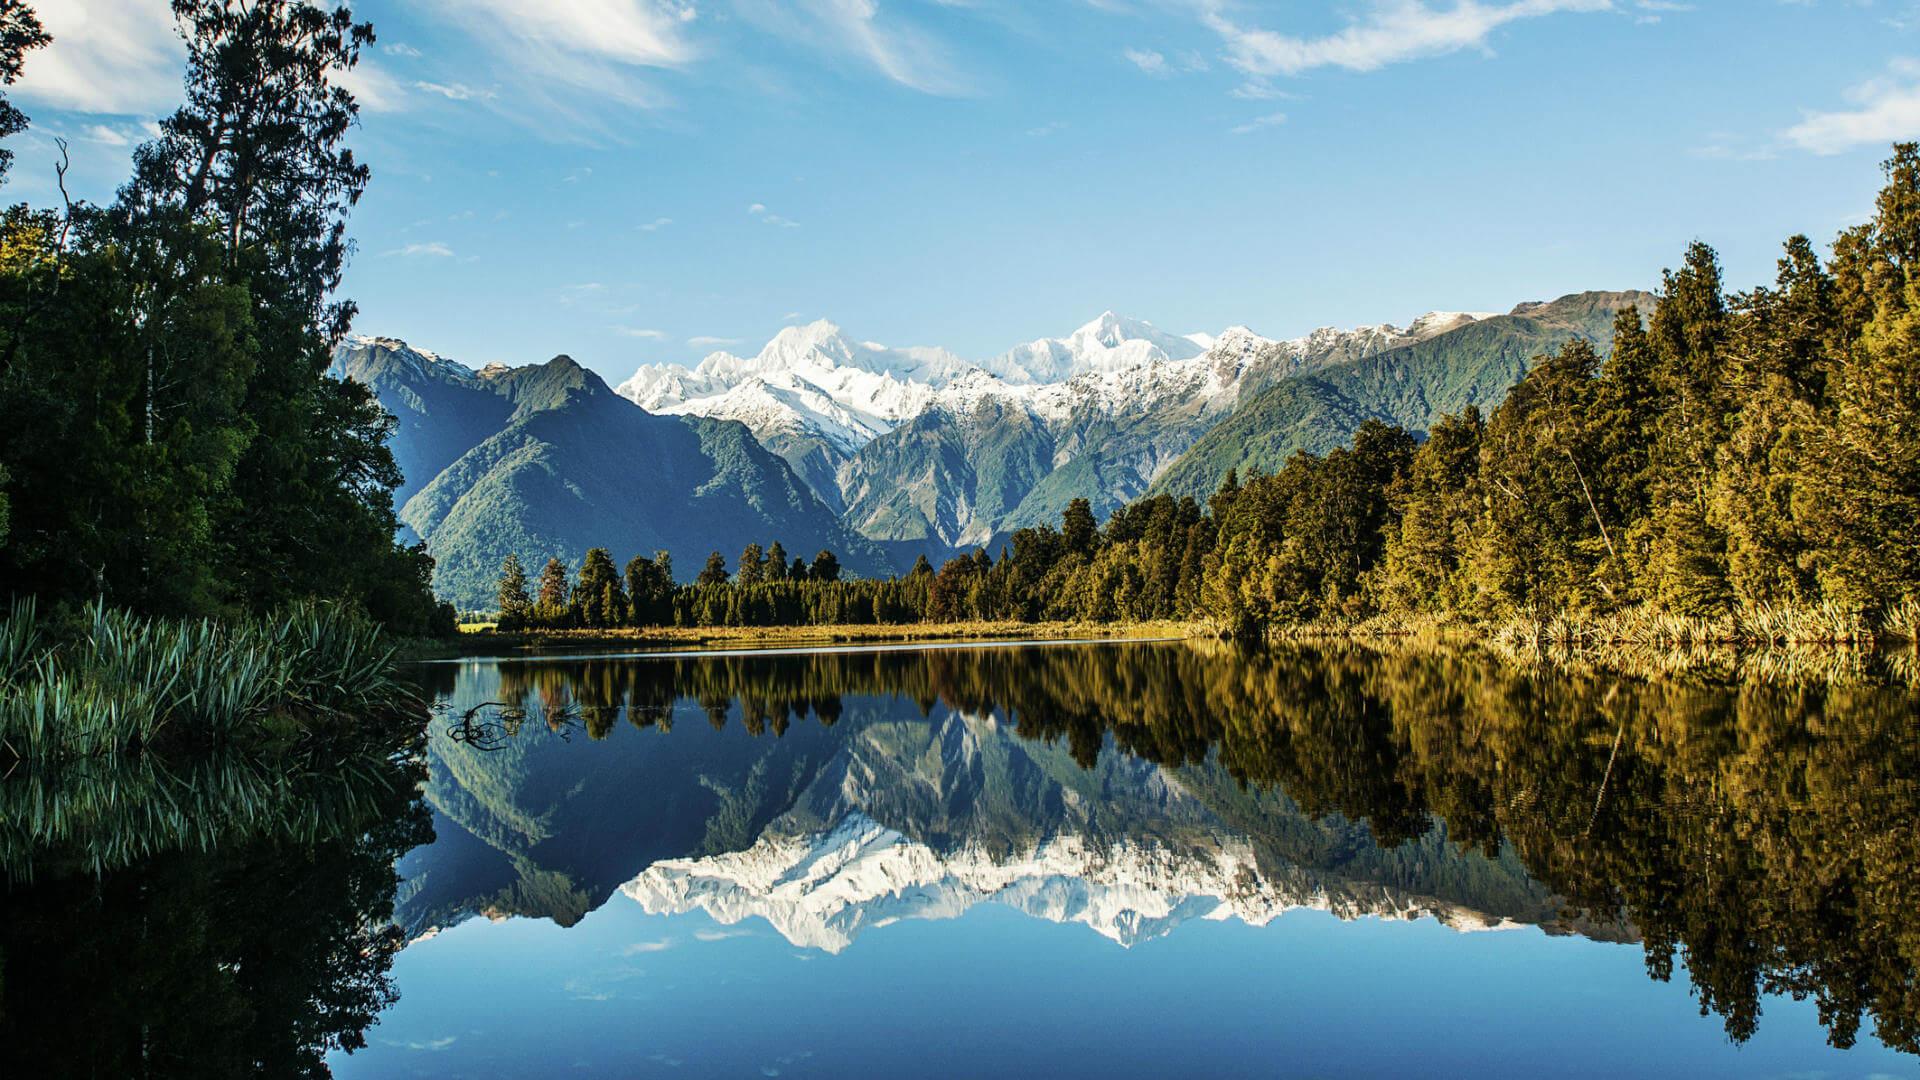 Nueva Zelanda Hd: Destinos Ideales Para Todo El Que Quiera Viajar Solo Por